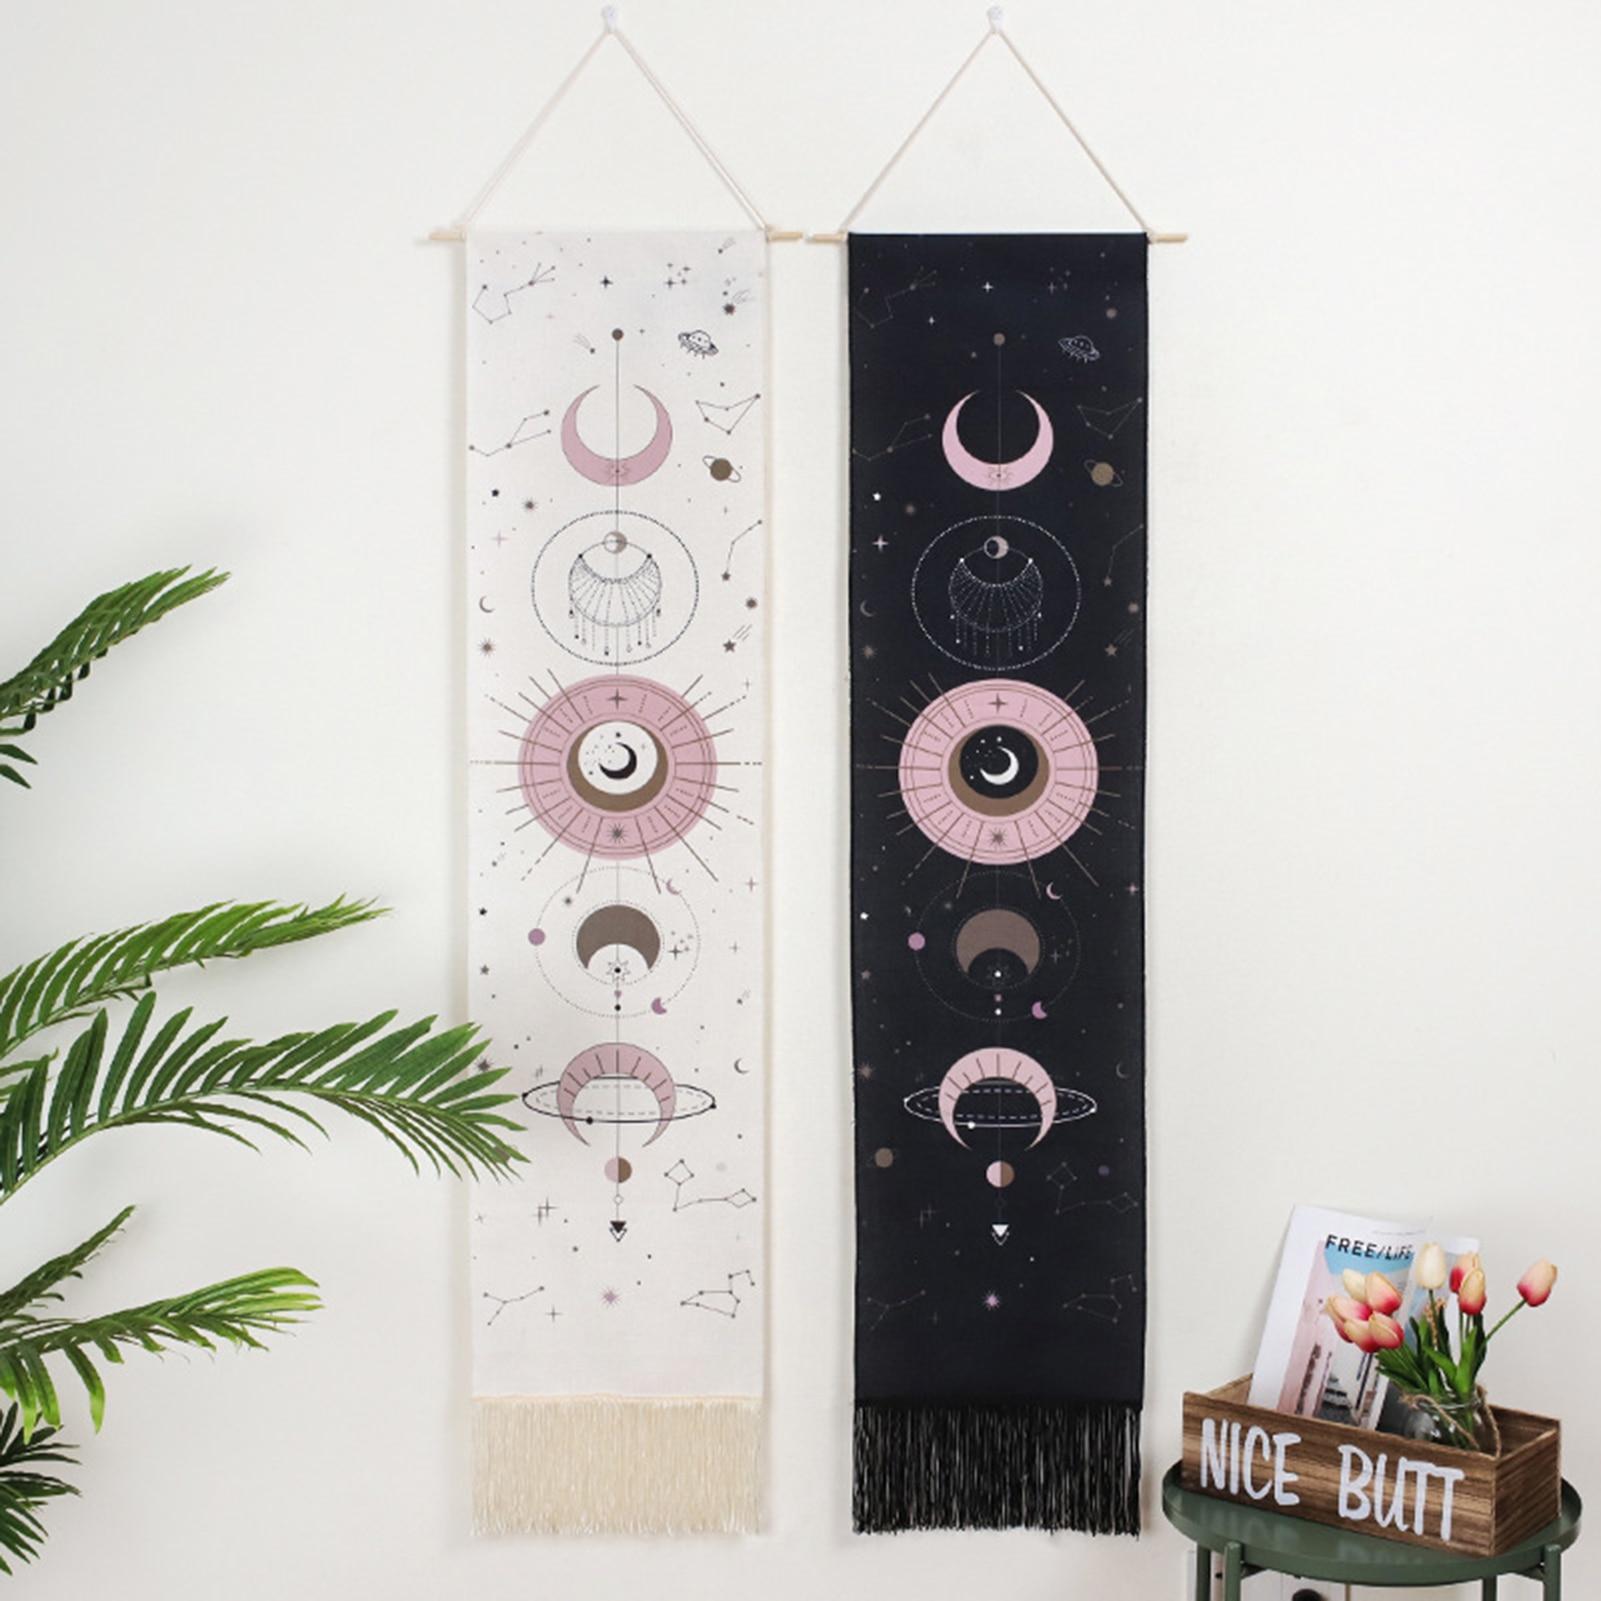 46*12inchMoon фазы гобелен настенный гобелен Boho художественные гобелены Настенный декор для Спальня Гостиная комнаты в общежитии